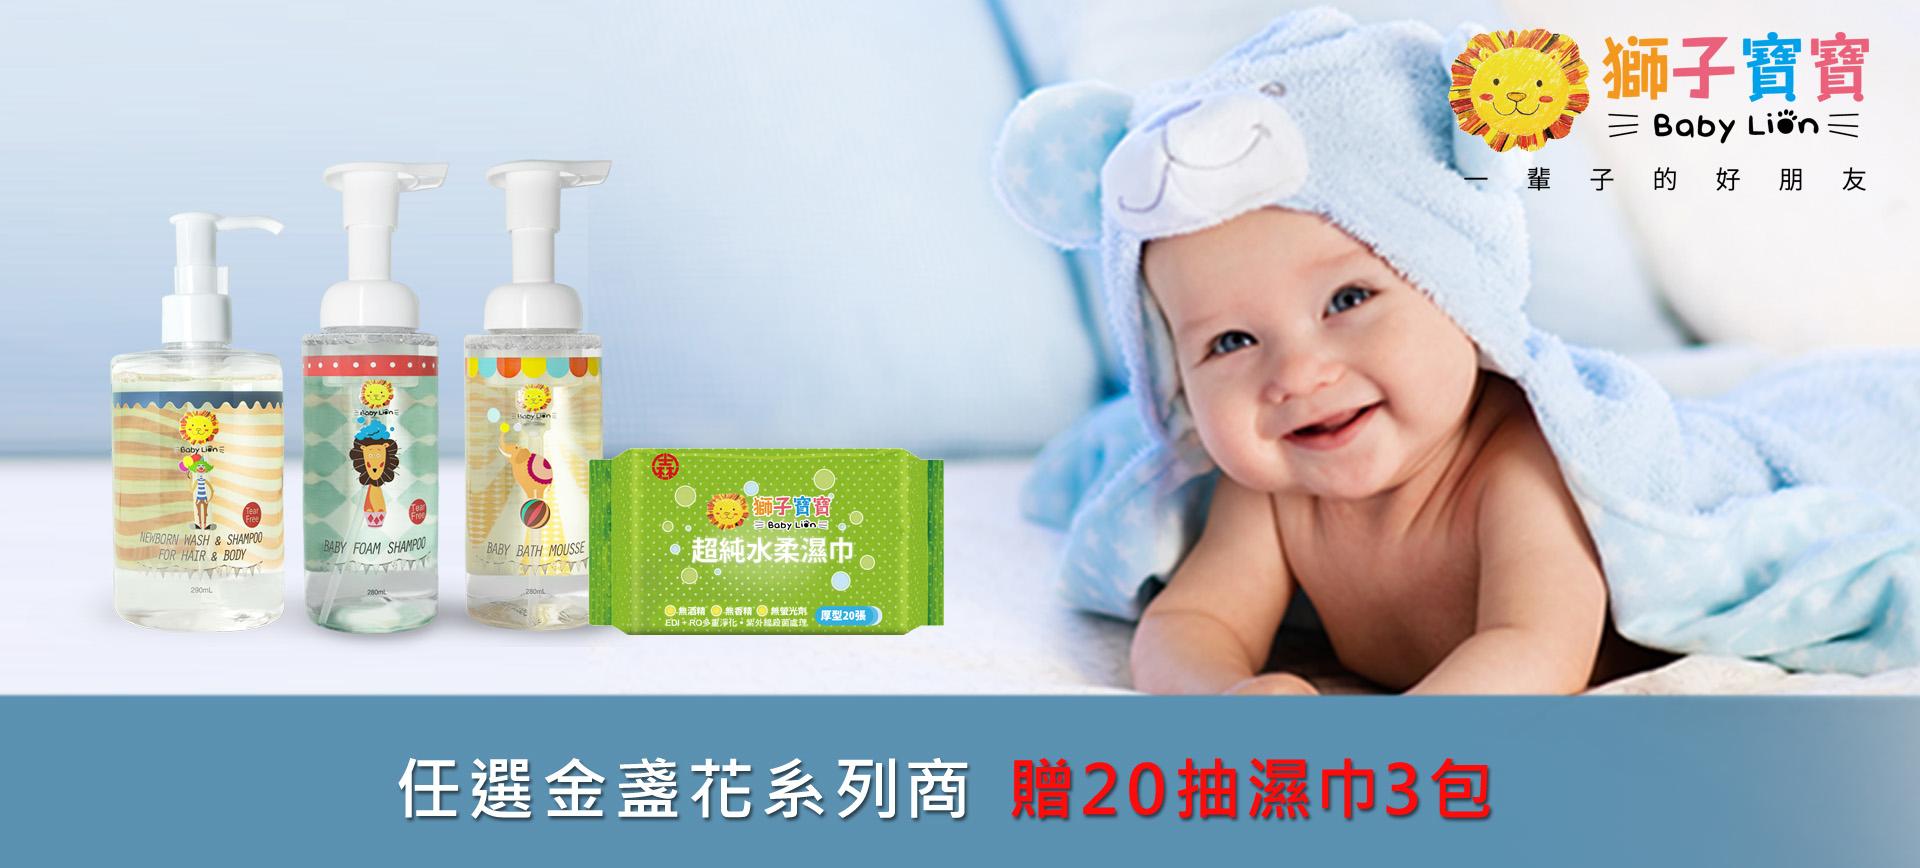 嬰兒洗沐保養,獅子寶寶,金盞花,抗菌,防疫